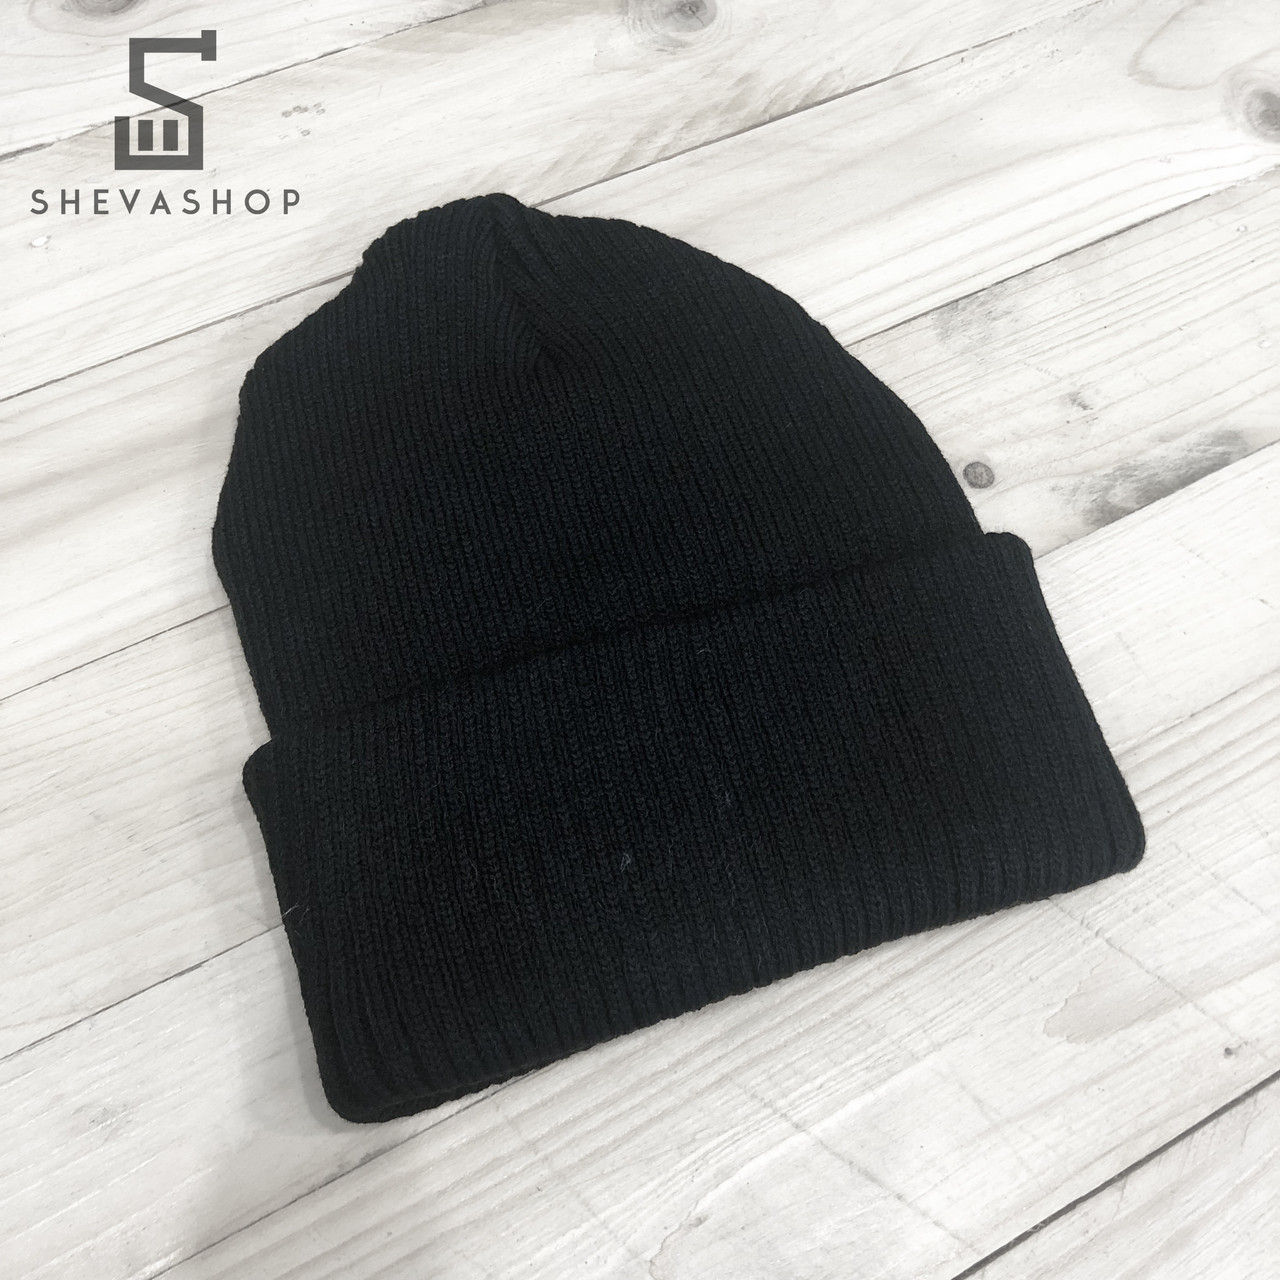 Шапка зимняя KildFol 18.1 унисекс чёрная